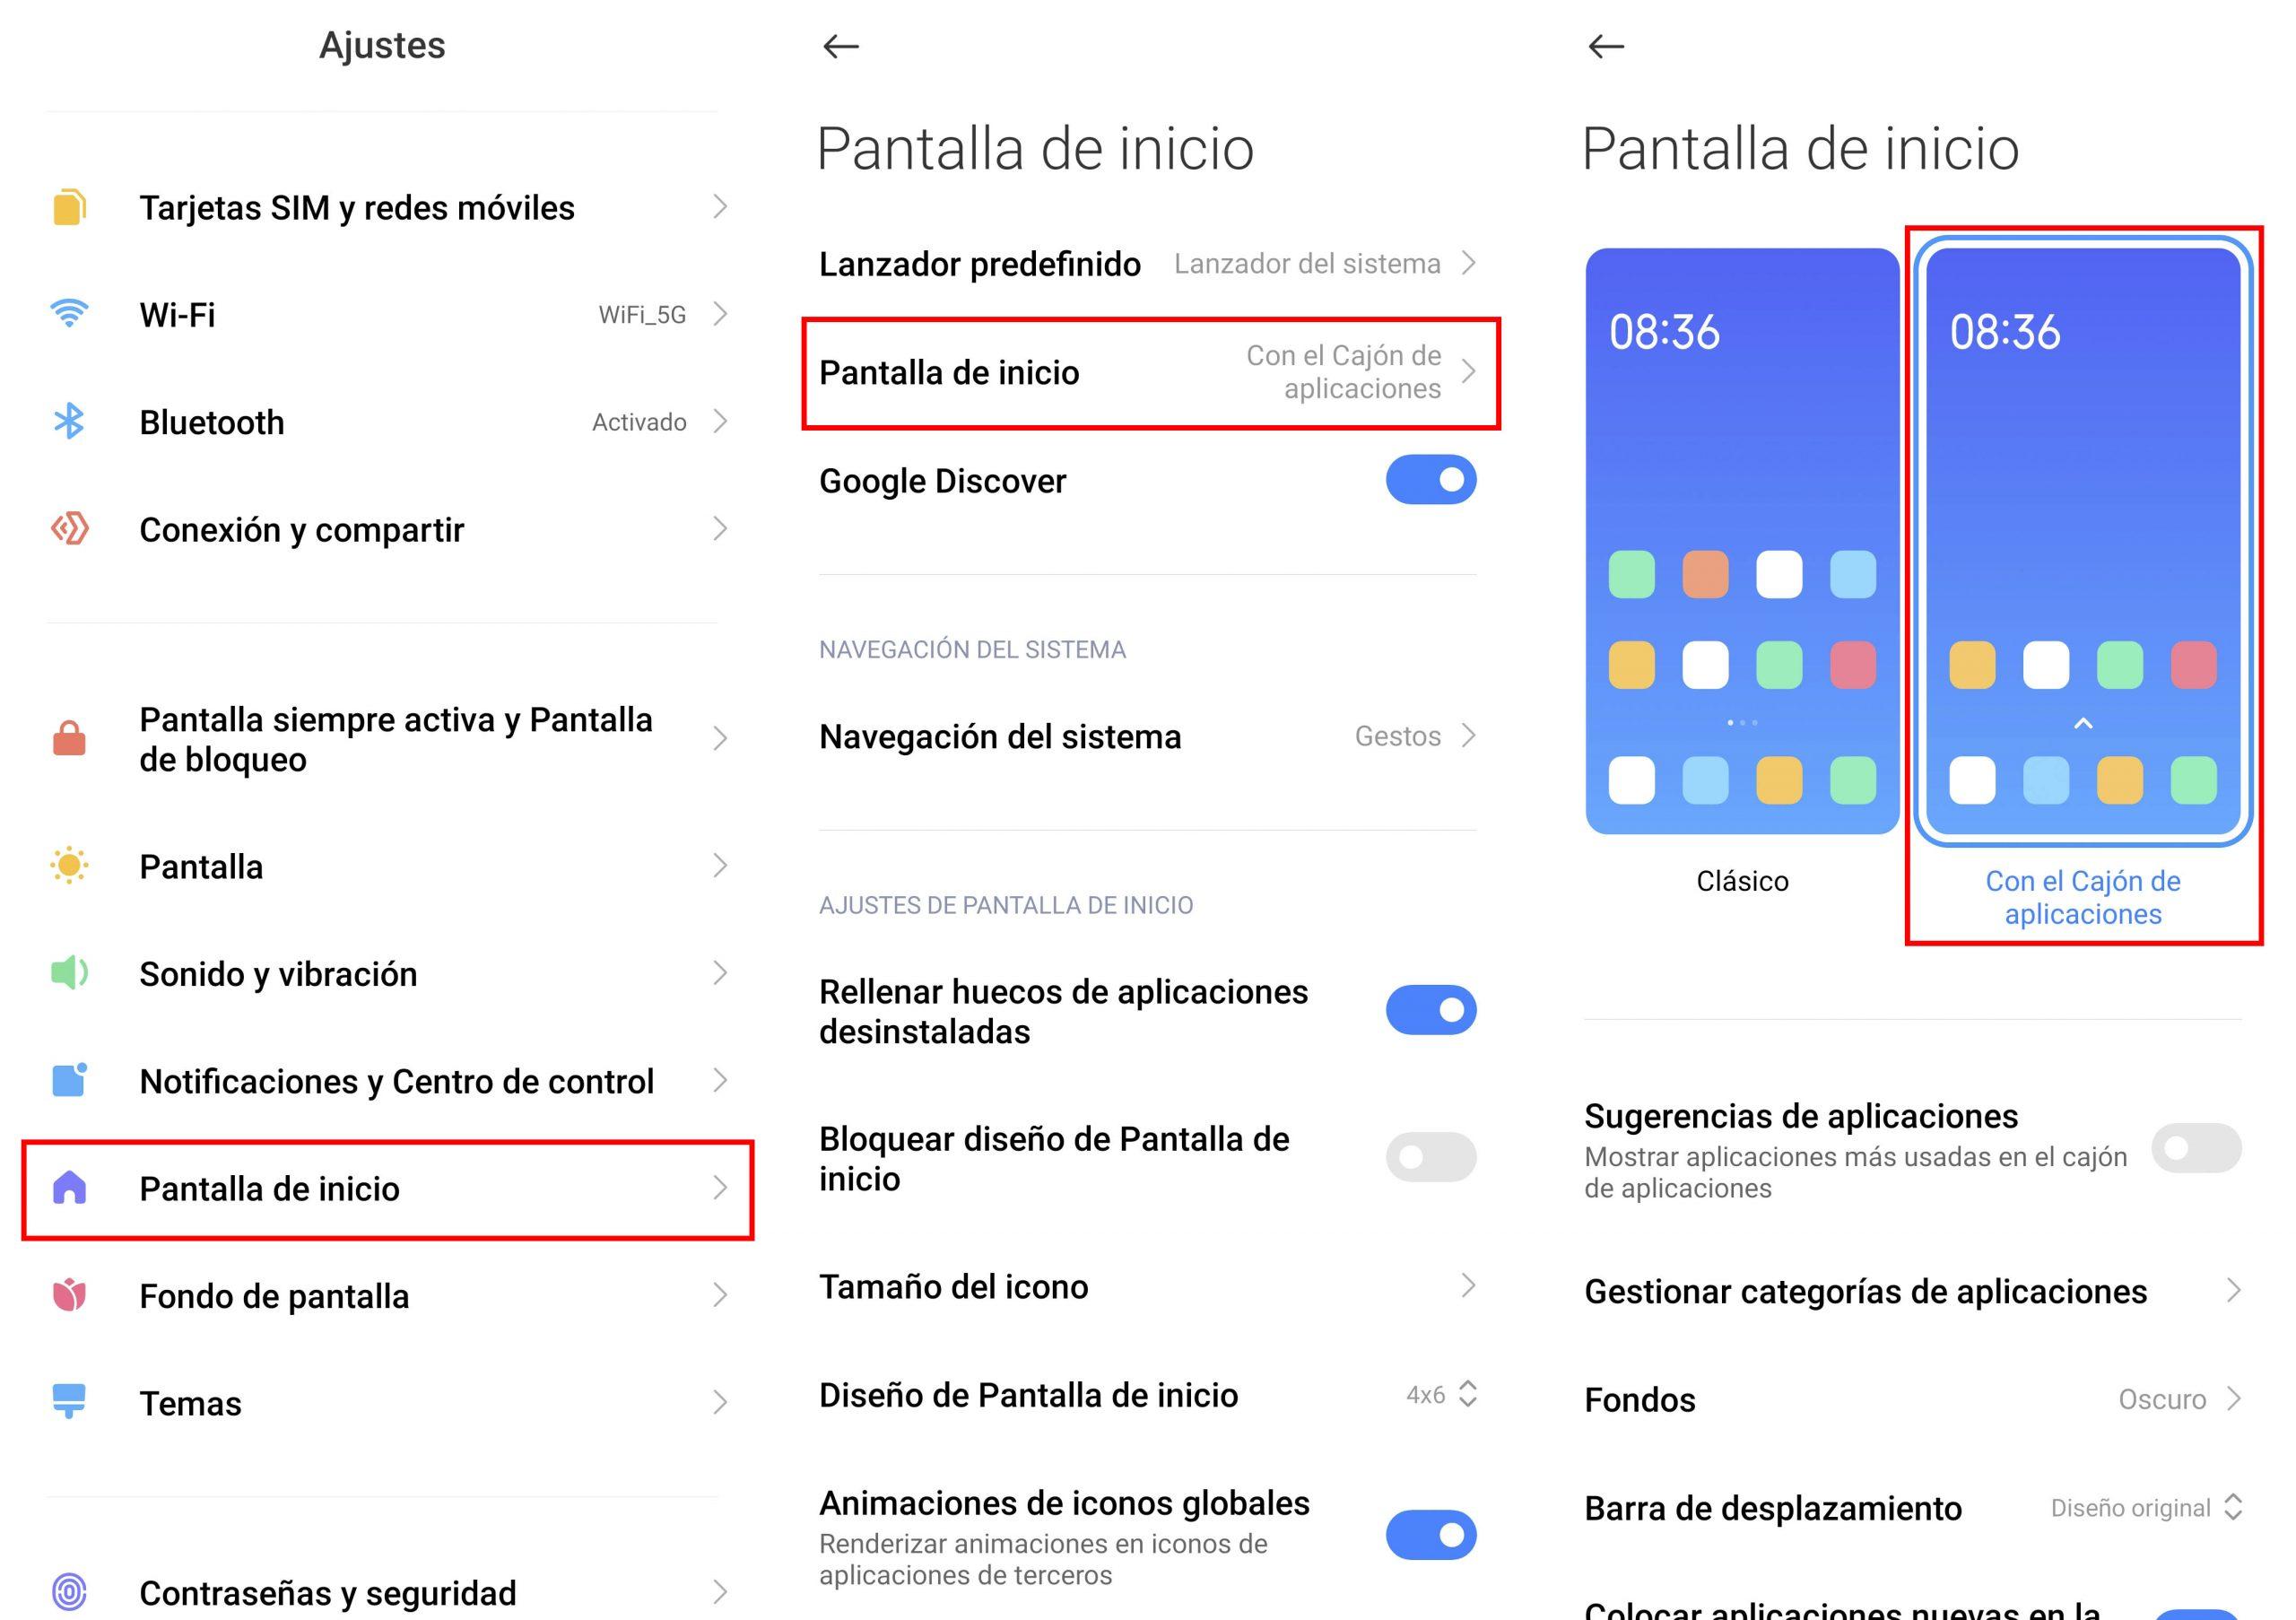 Cómo usar y personalizar el cajón de aplicaciones de tu Xiaomi como un profesional. Noticias Xiaomi Adictos